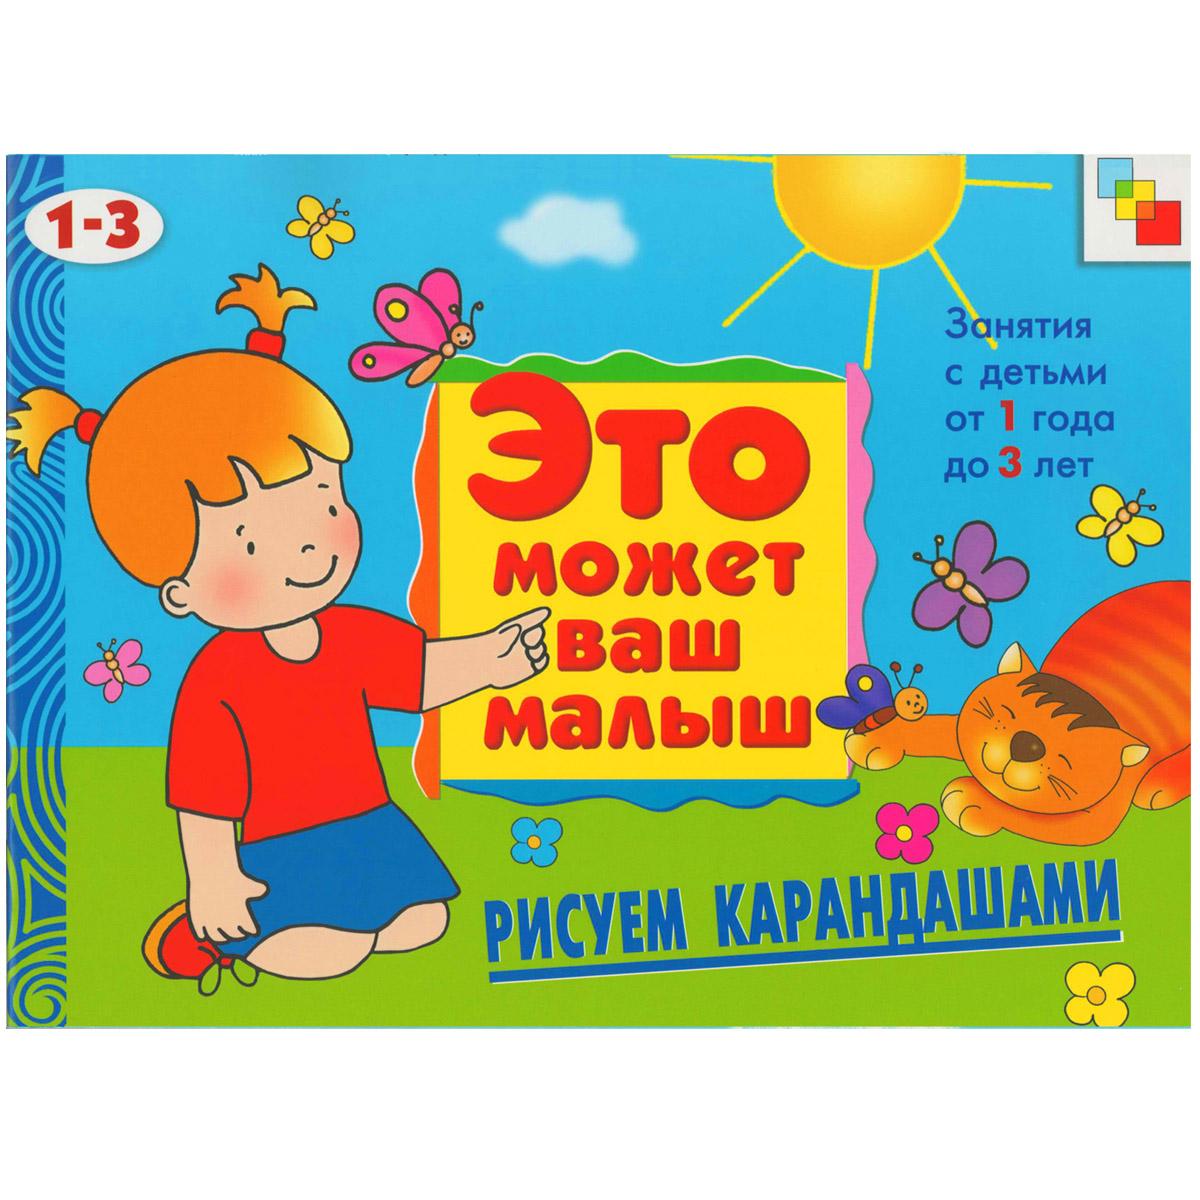 Художественный альбом для занятий с детьми 1-3 лет. Это может ваш малыш Рисуем карандашами<br>